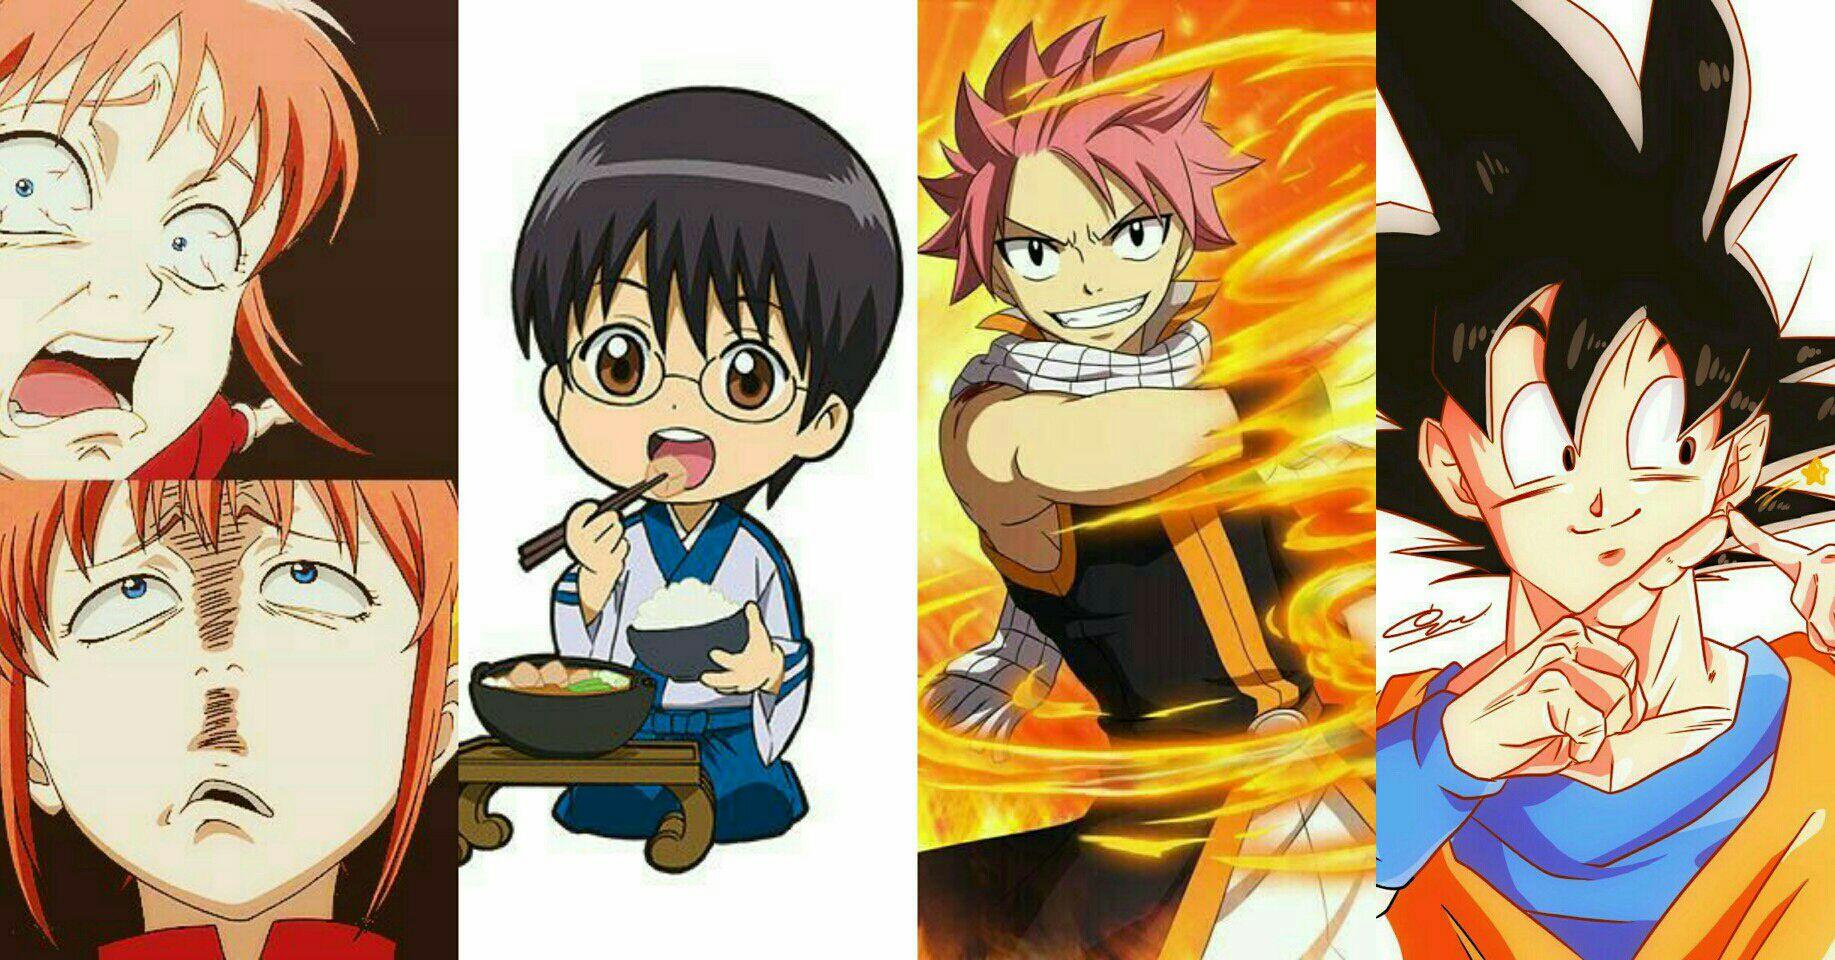 Obrolan Seputar Anime 70 Karakter Konyol Tapi Banyak